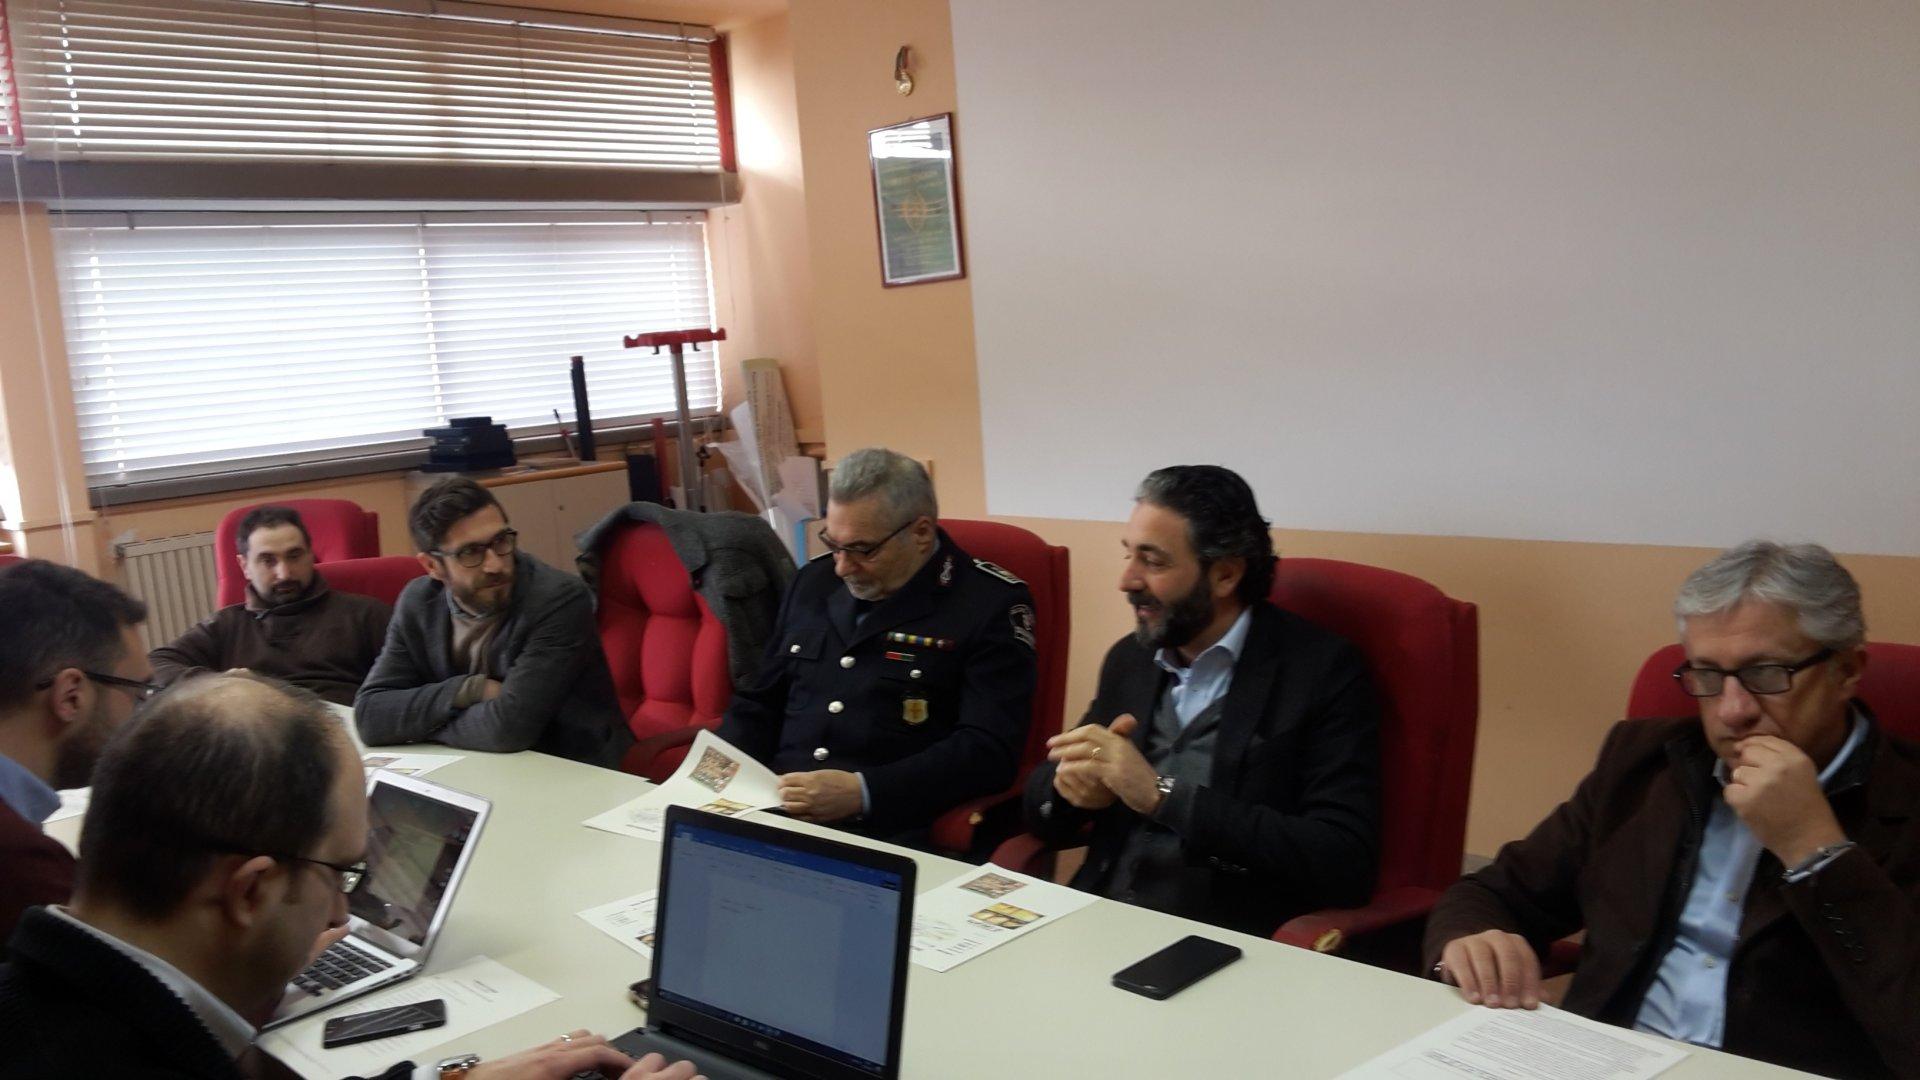 Tolleranza zero per san benedetto 2018 il programma del comune la riviera - Programma tv ristrutturazione casa ...